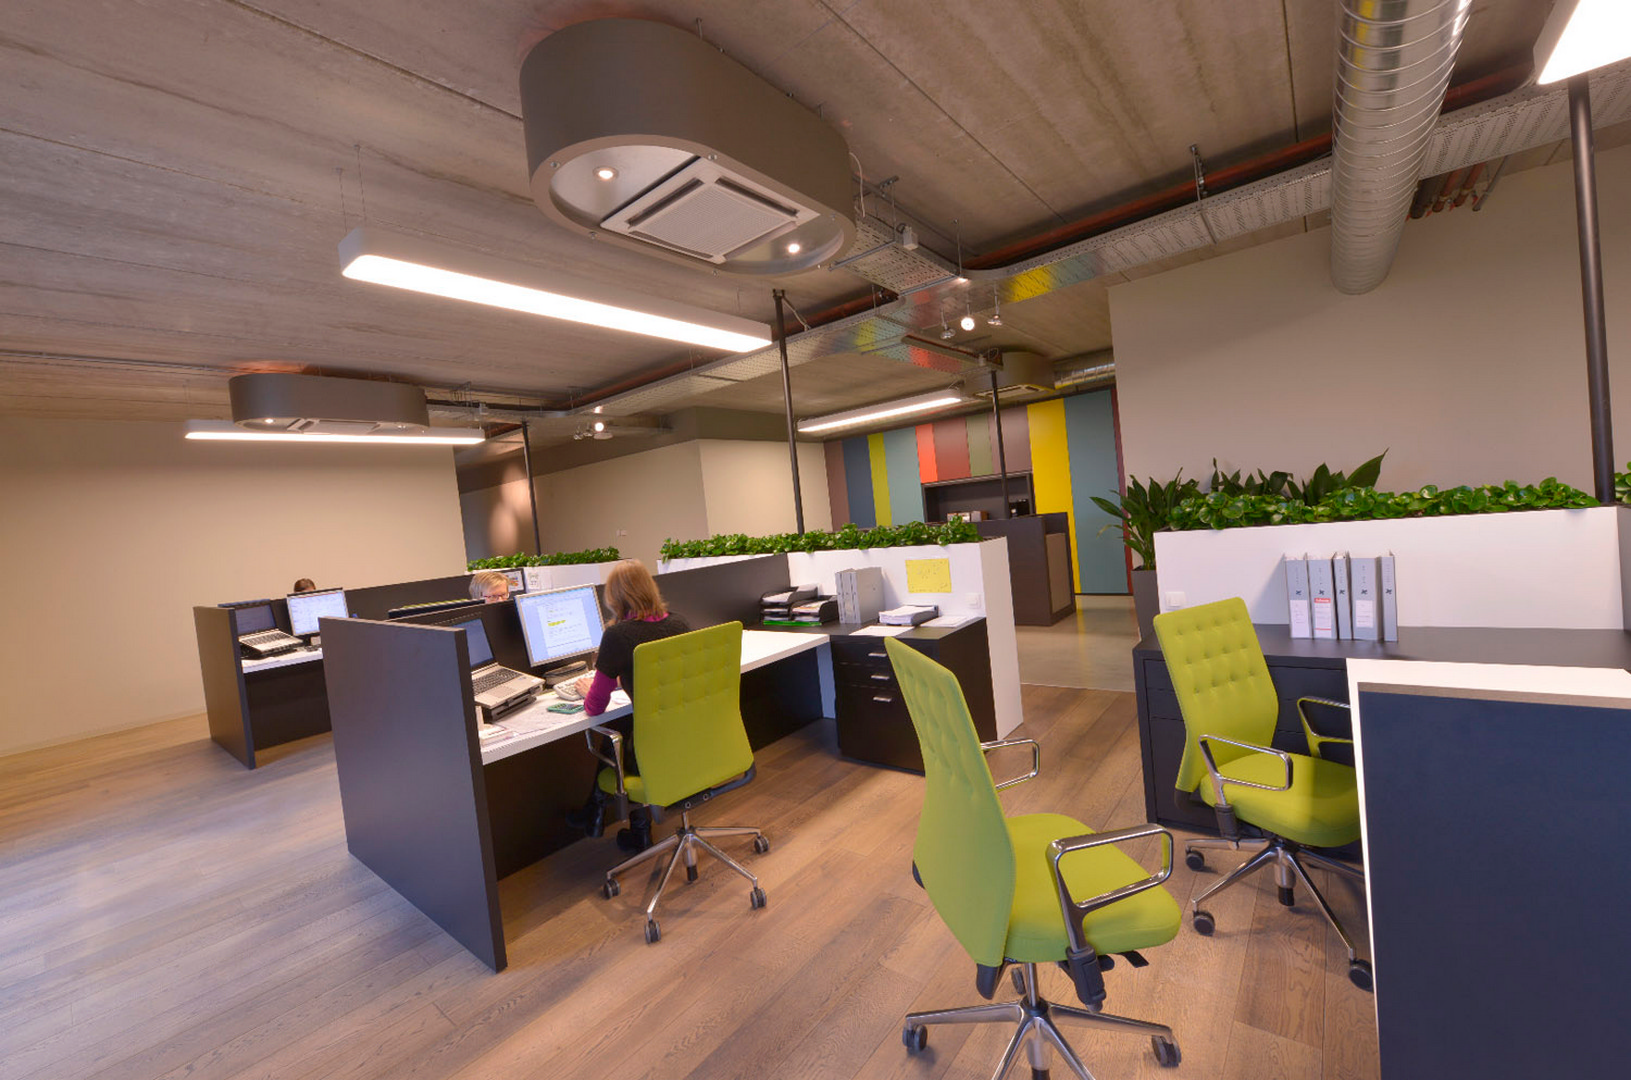 1 Wim Celis Office 17